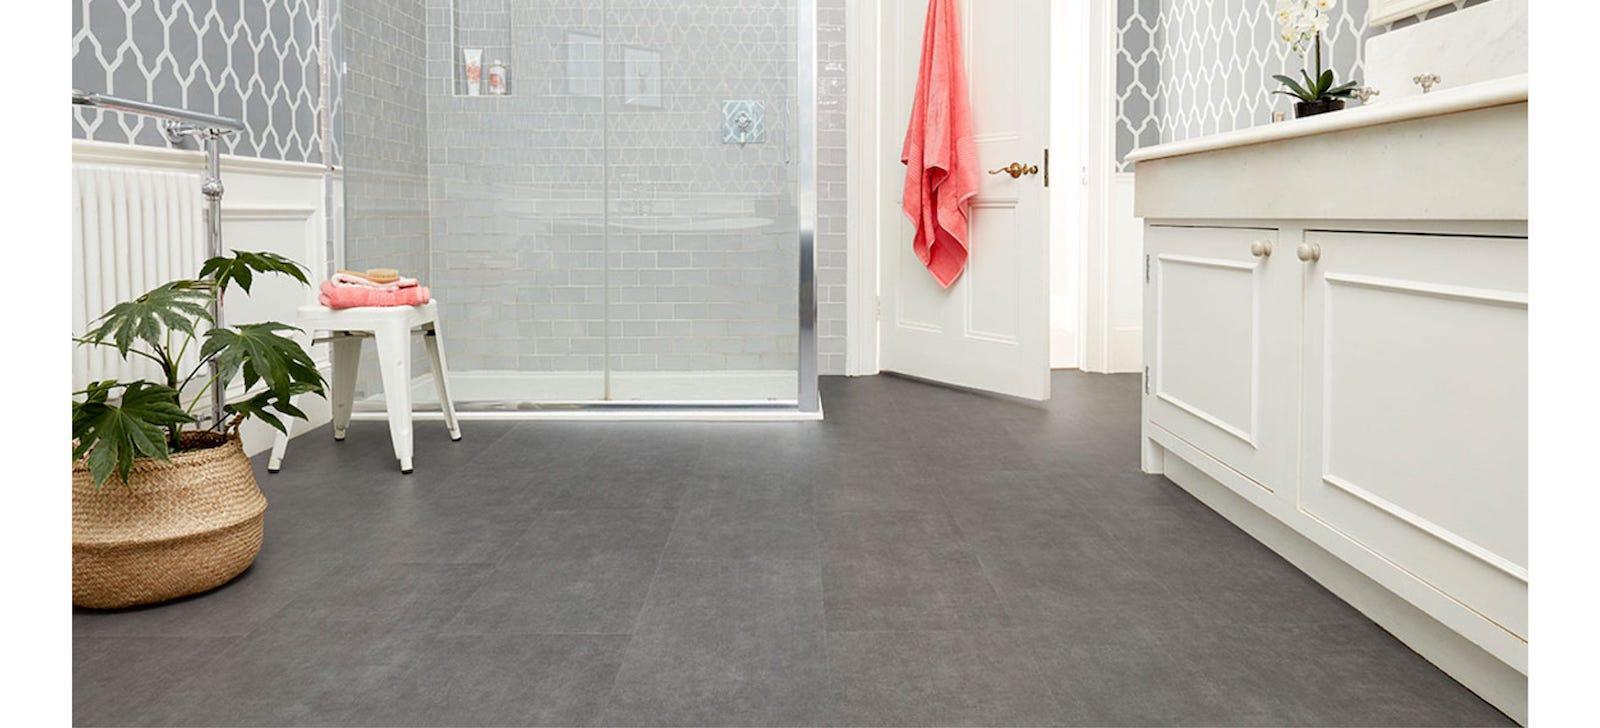 grey glue down vinyl bathroom